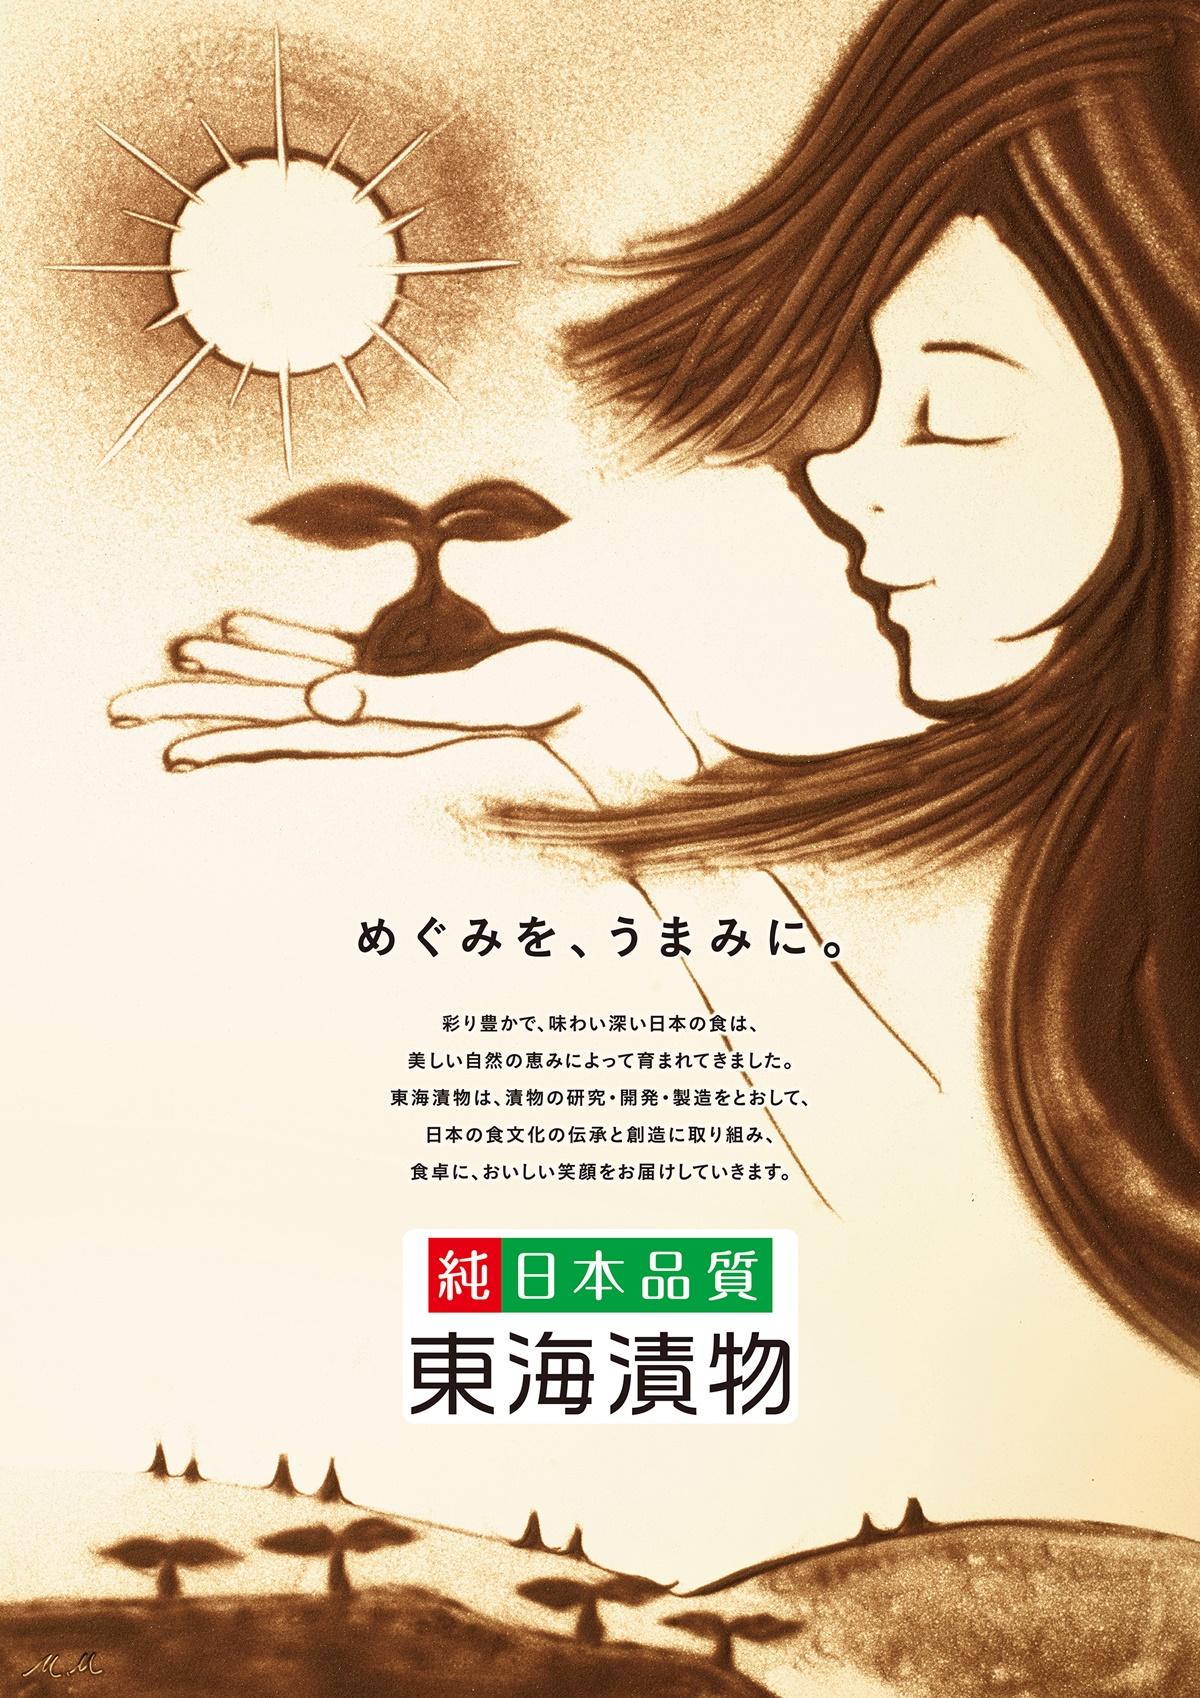 オリジナルサンドアート。東海漬物様の企業広告に起用